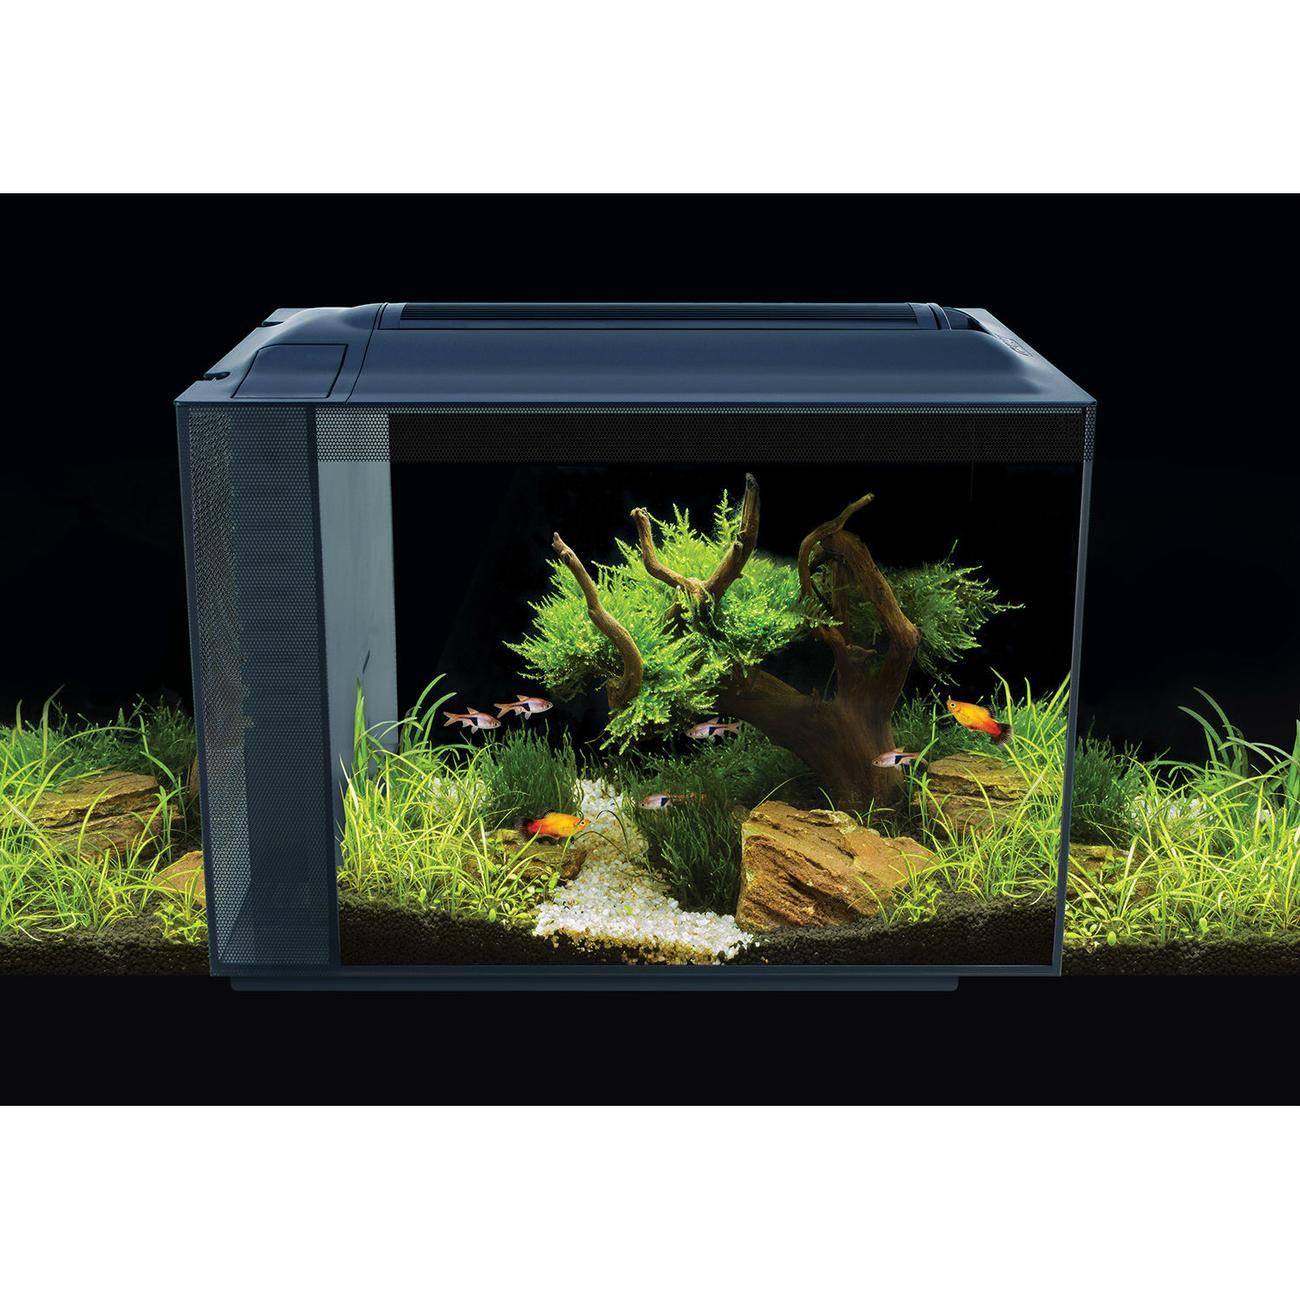 Fluval SPEC XV Aquarium 60 L, Bild 2